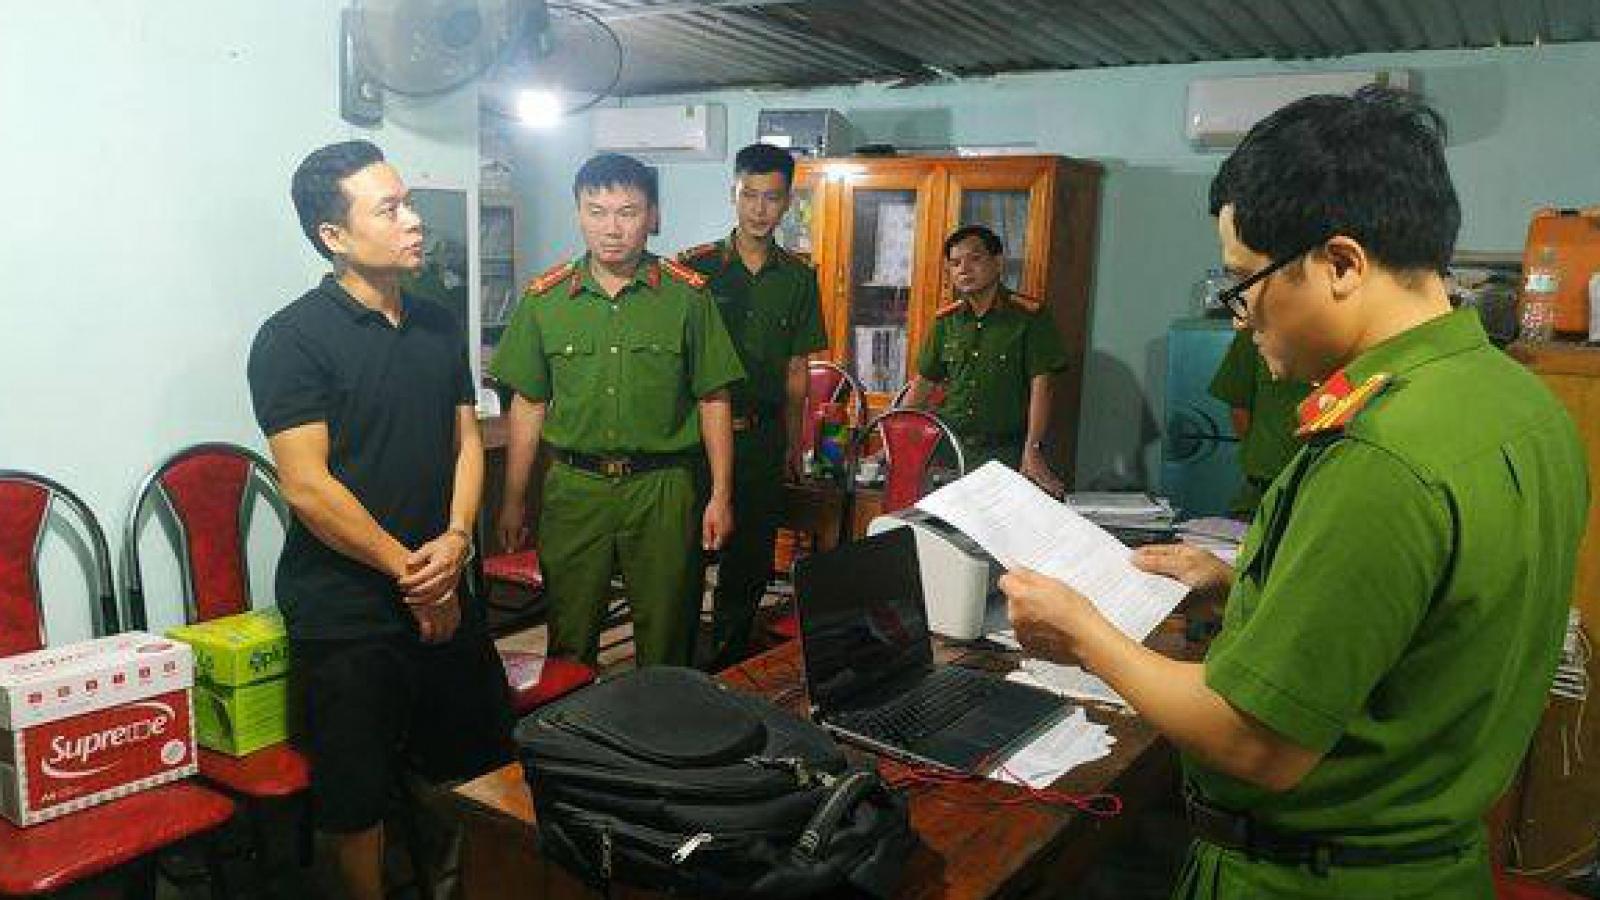 Cán bộ địa chính nhận hối lộ 20 triệu đồng ở Tuyên Quang